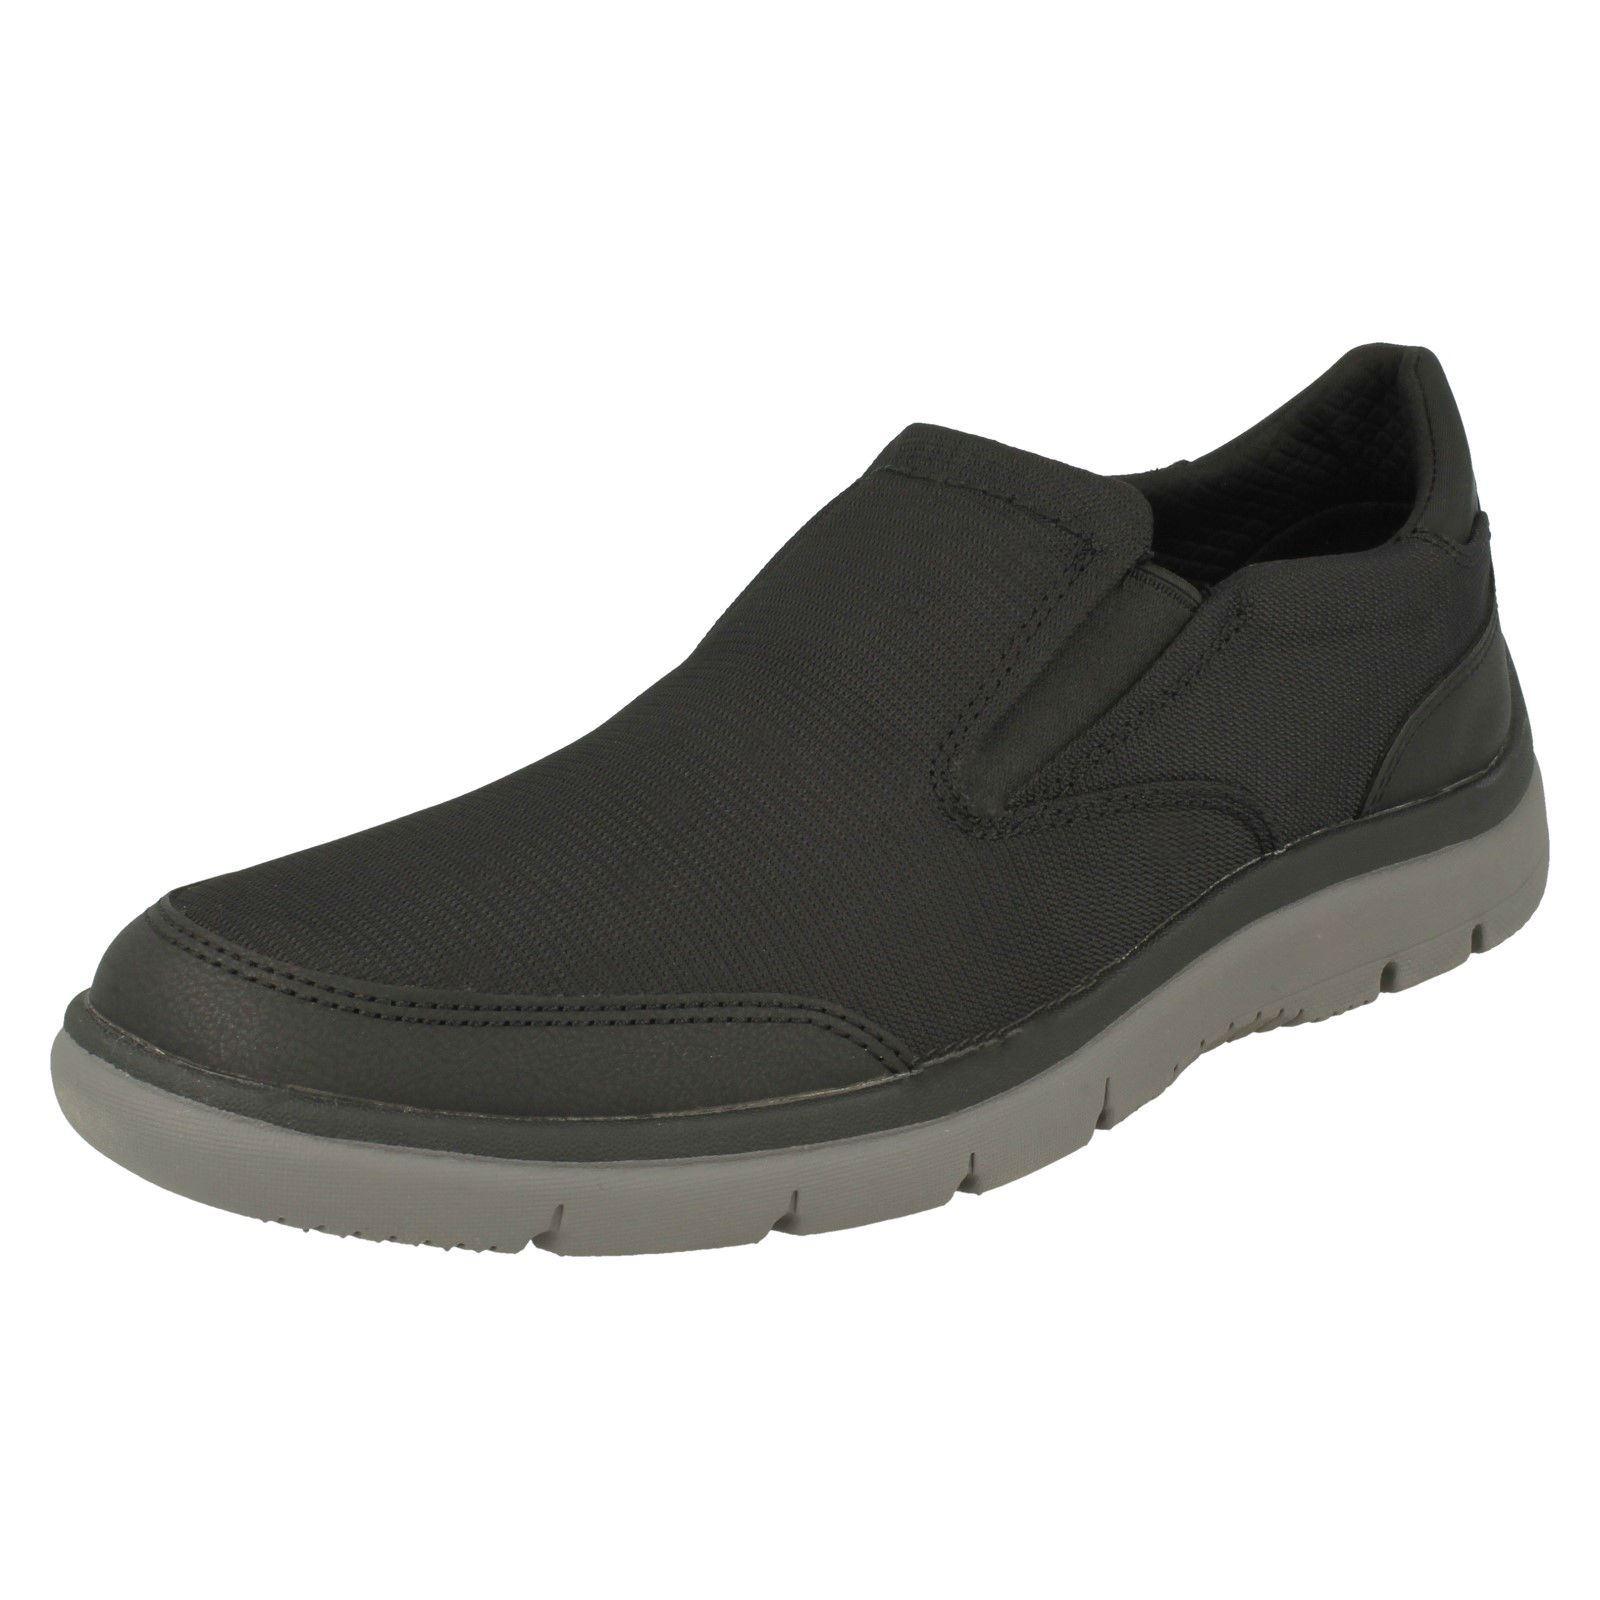 CLARKS MEN/'S TUNSIL STEP WIDE WIDTH SLIP ON WALKING SHOES